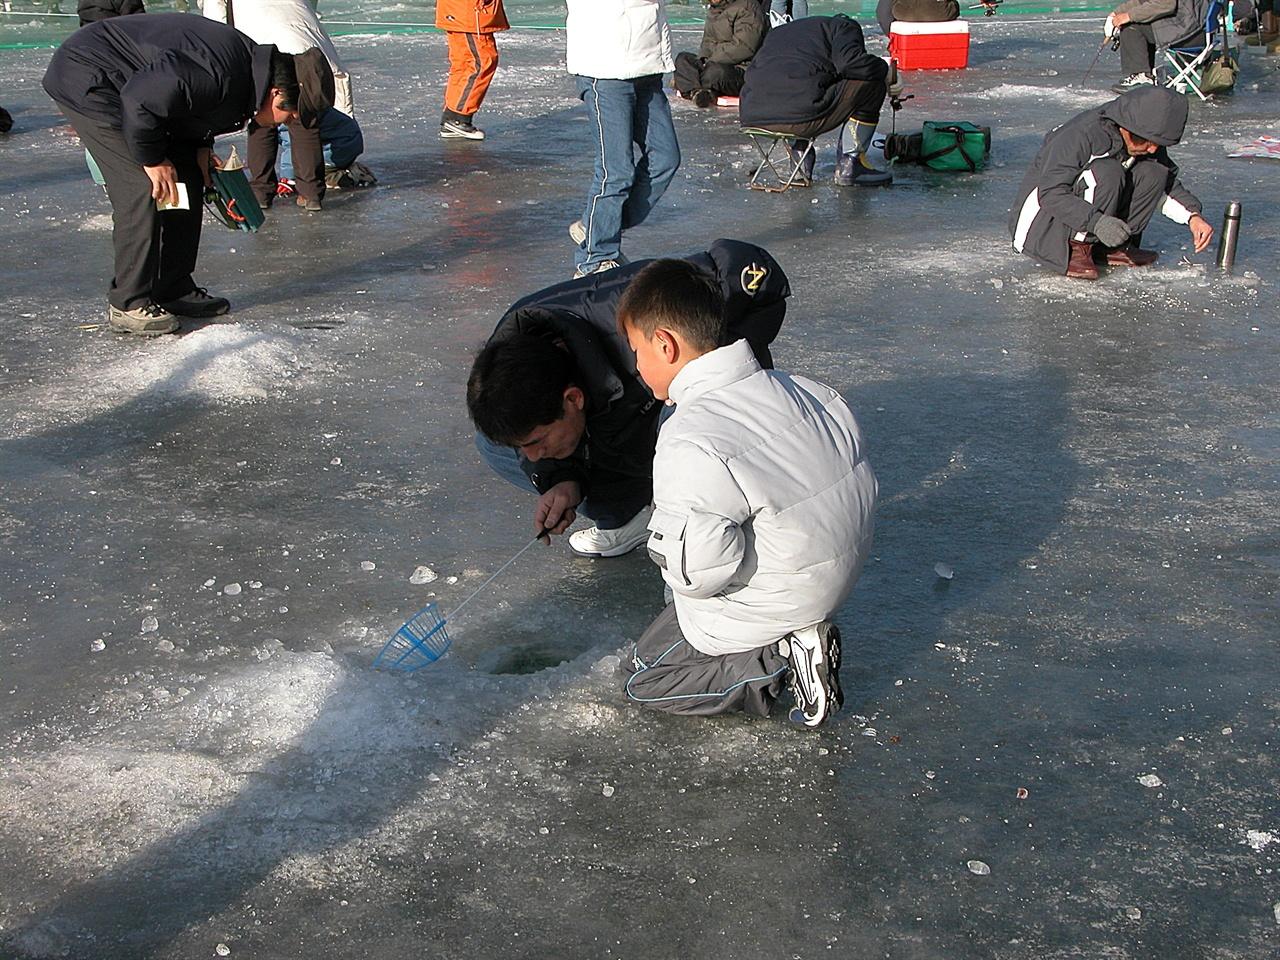 화천 산천어축제 축제장 얼음 낚시터에는 겨울 추위에도 아랑곳없이 산천어를 잡고자 하는 사람들이 무수히 많다.